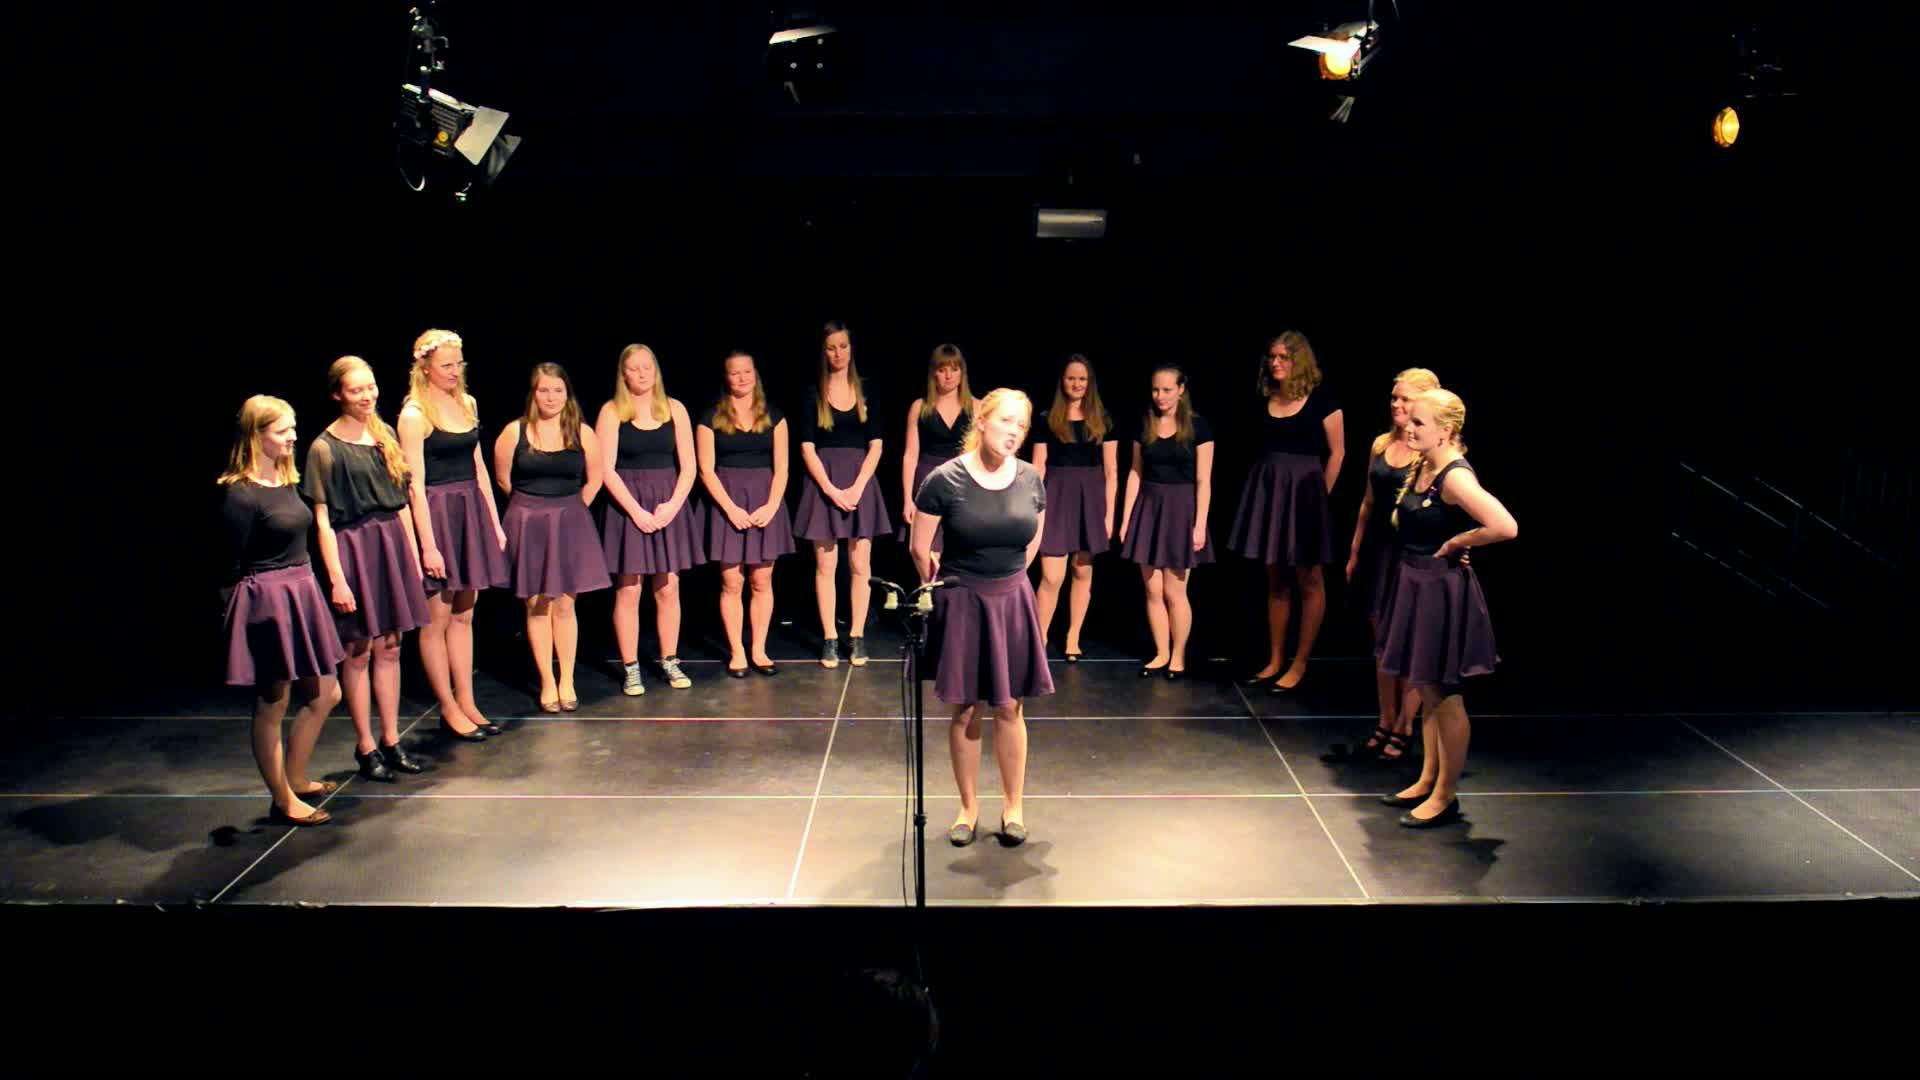 Korkonsert vår '14: Splitter Pine